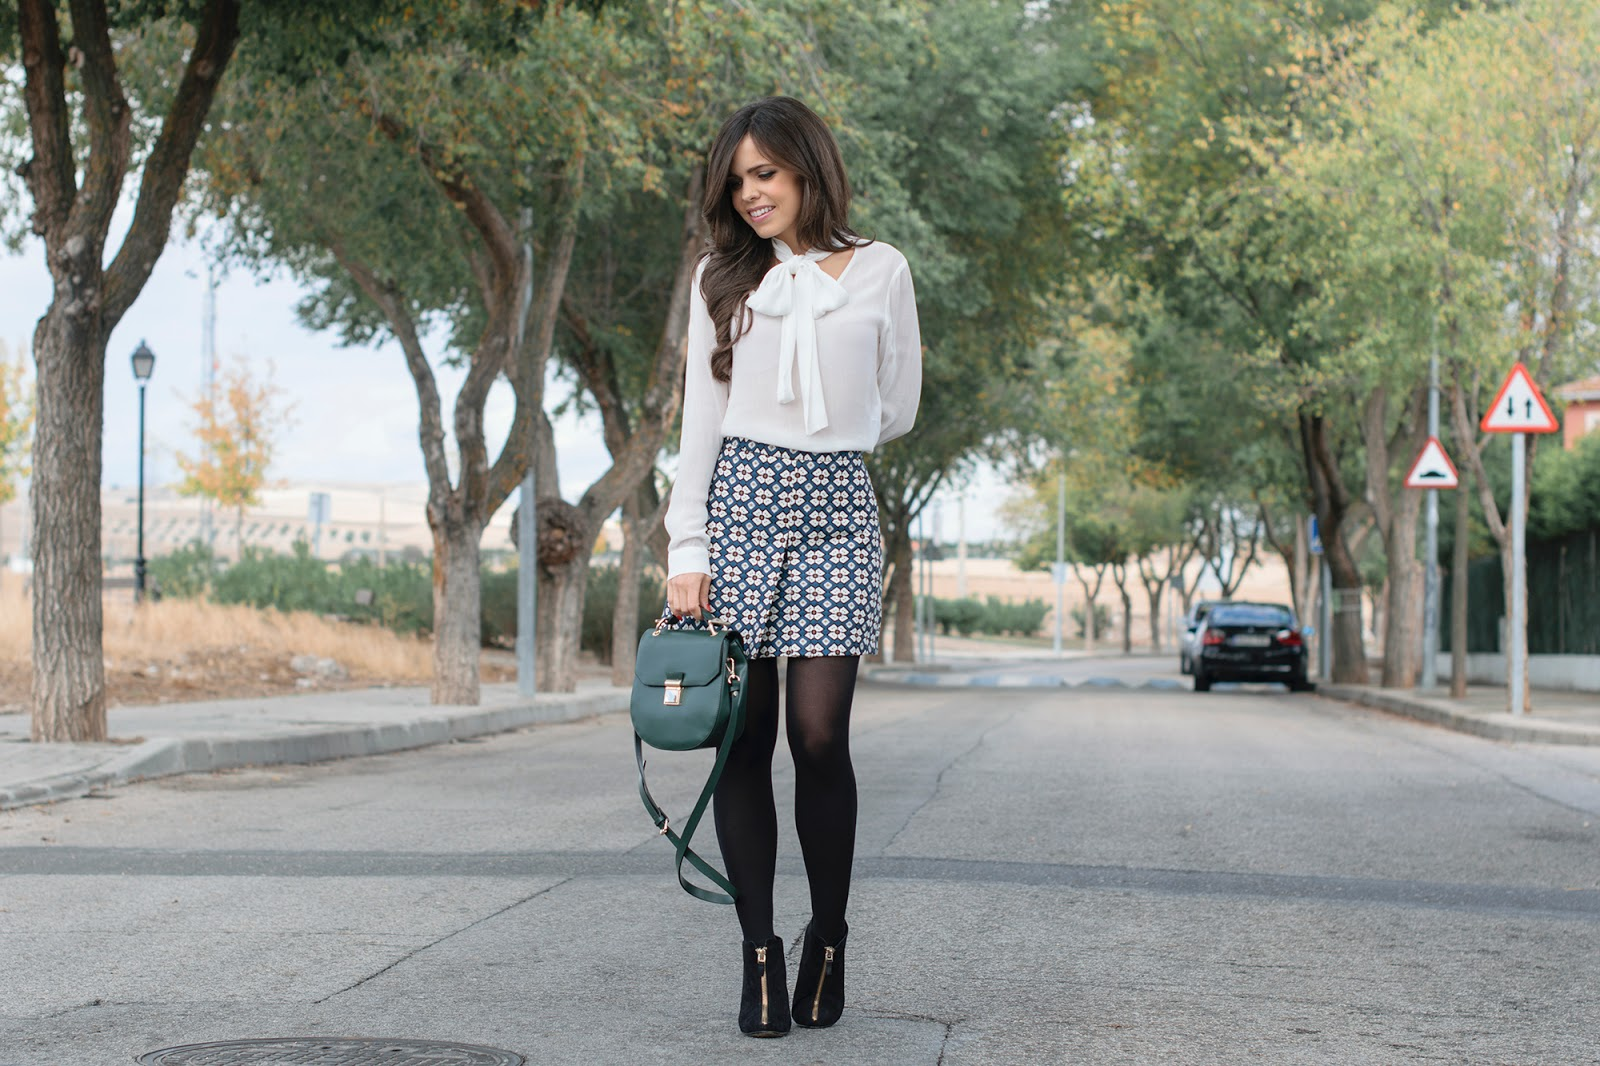 total look de zara con falda evase estilo retro